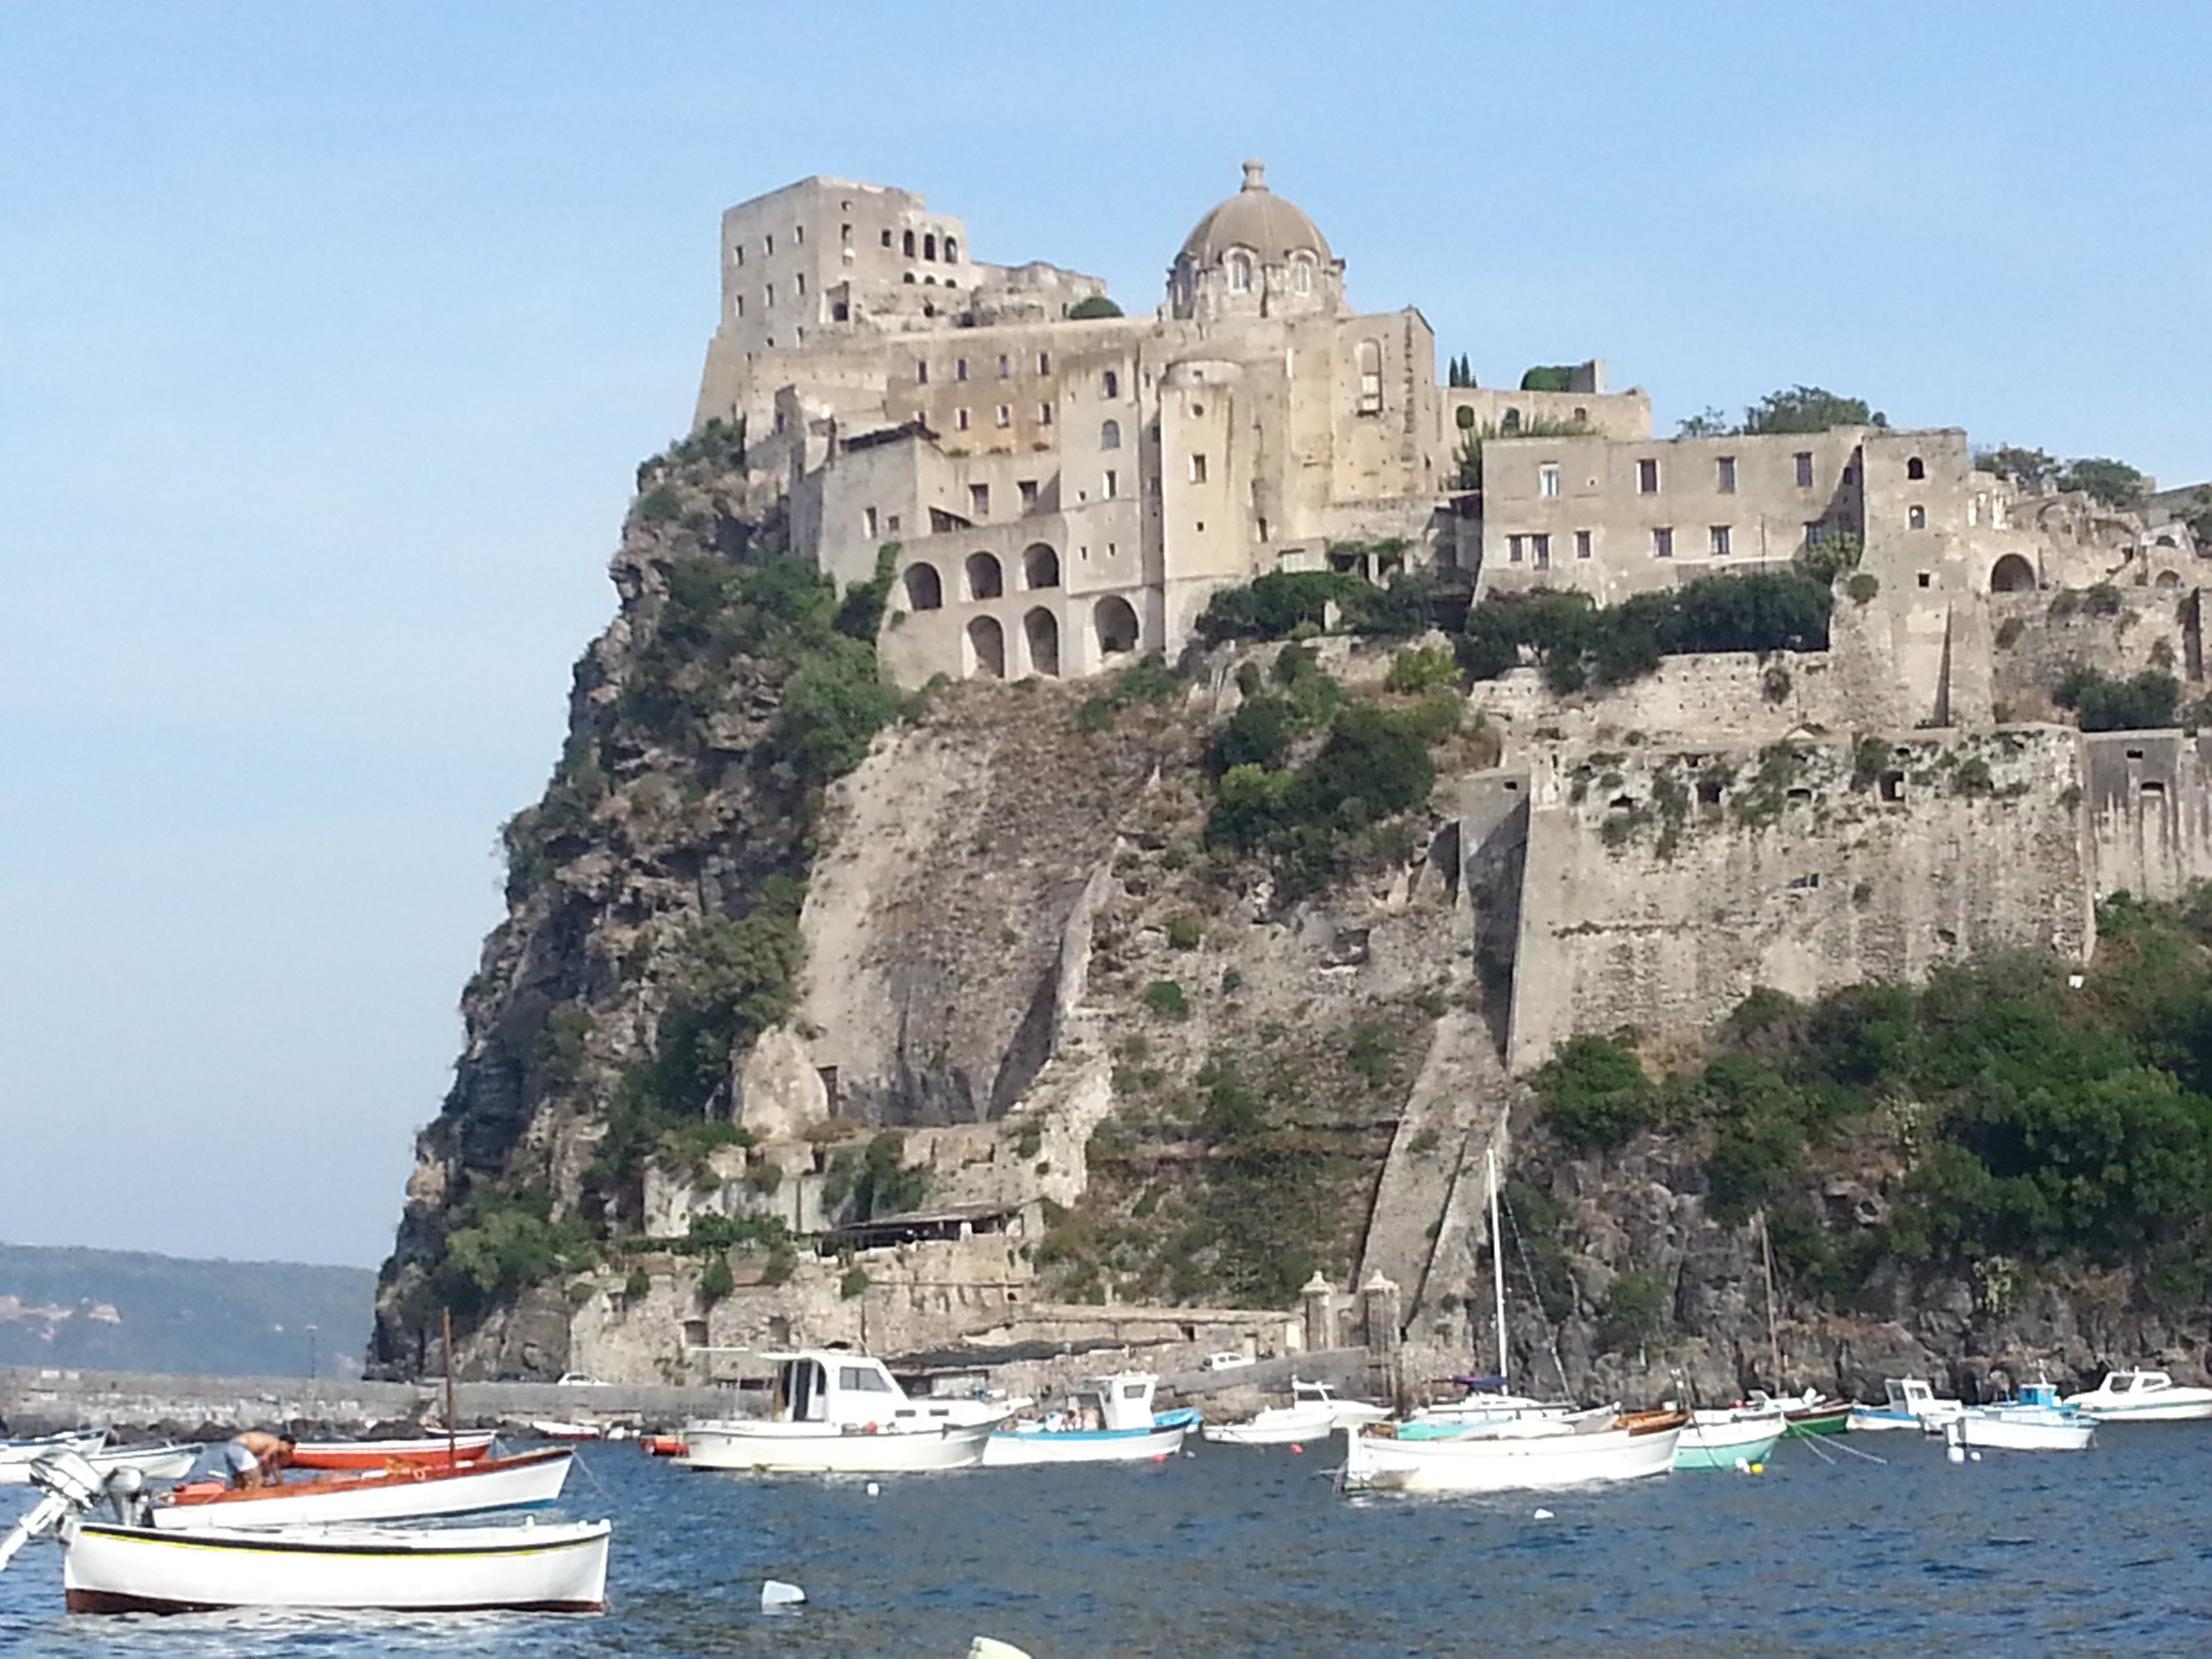 Projekttreffen auf Ischia, 18.09. – 25.09.2014